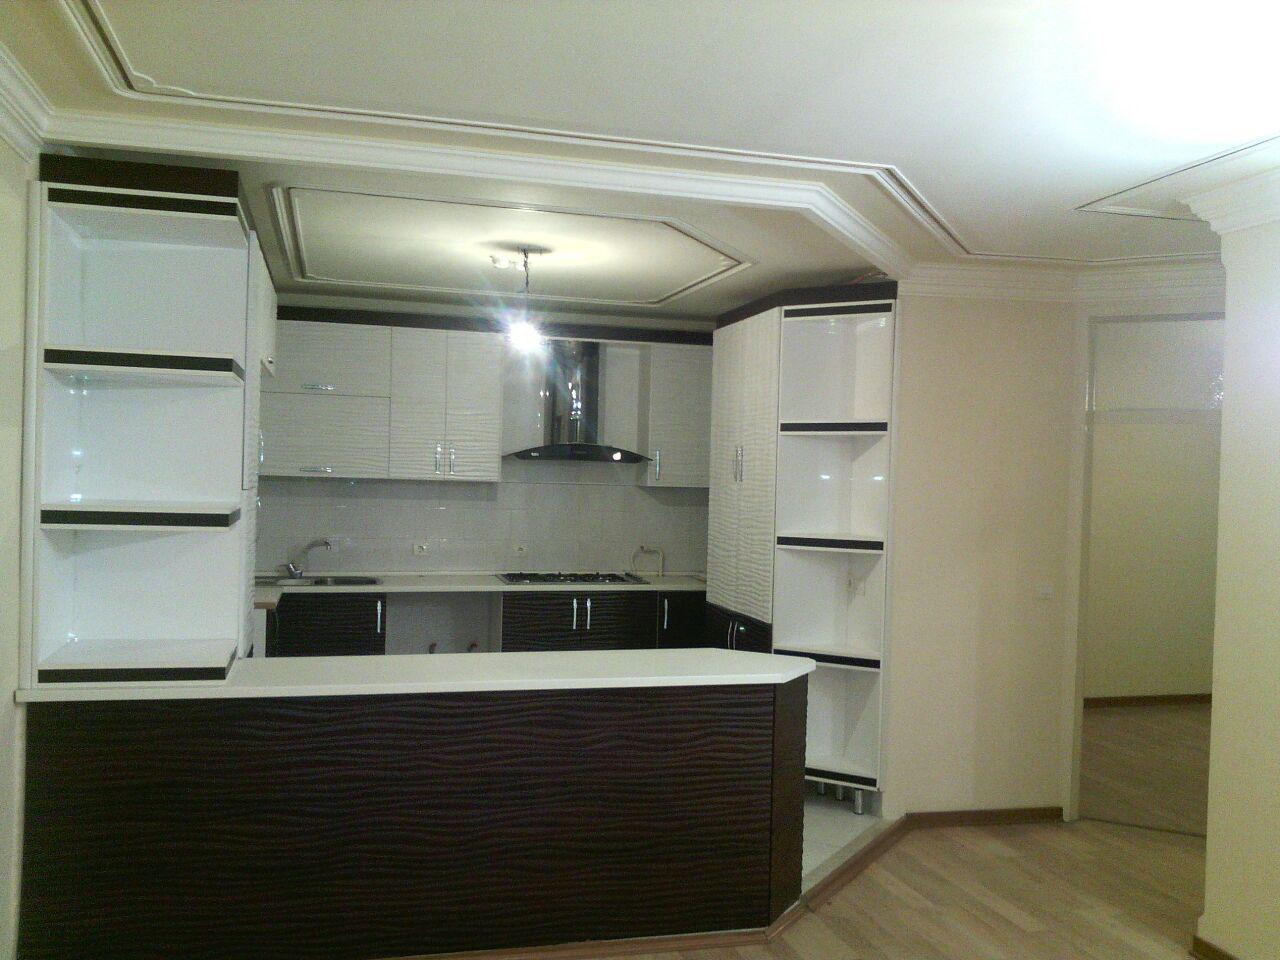 فروش اپارتمان لوکس در اصیل ترین منطقه ولیعصر پروین اعتصامی 120 متر شهریار